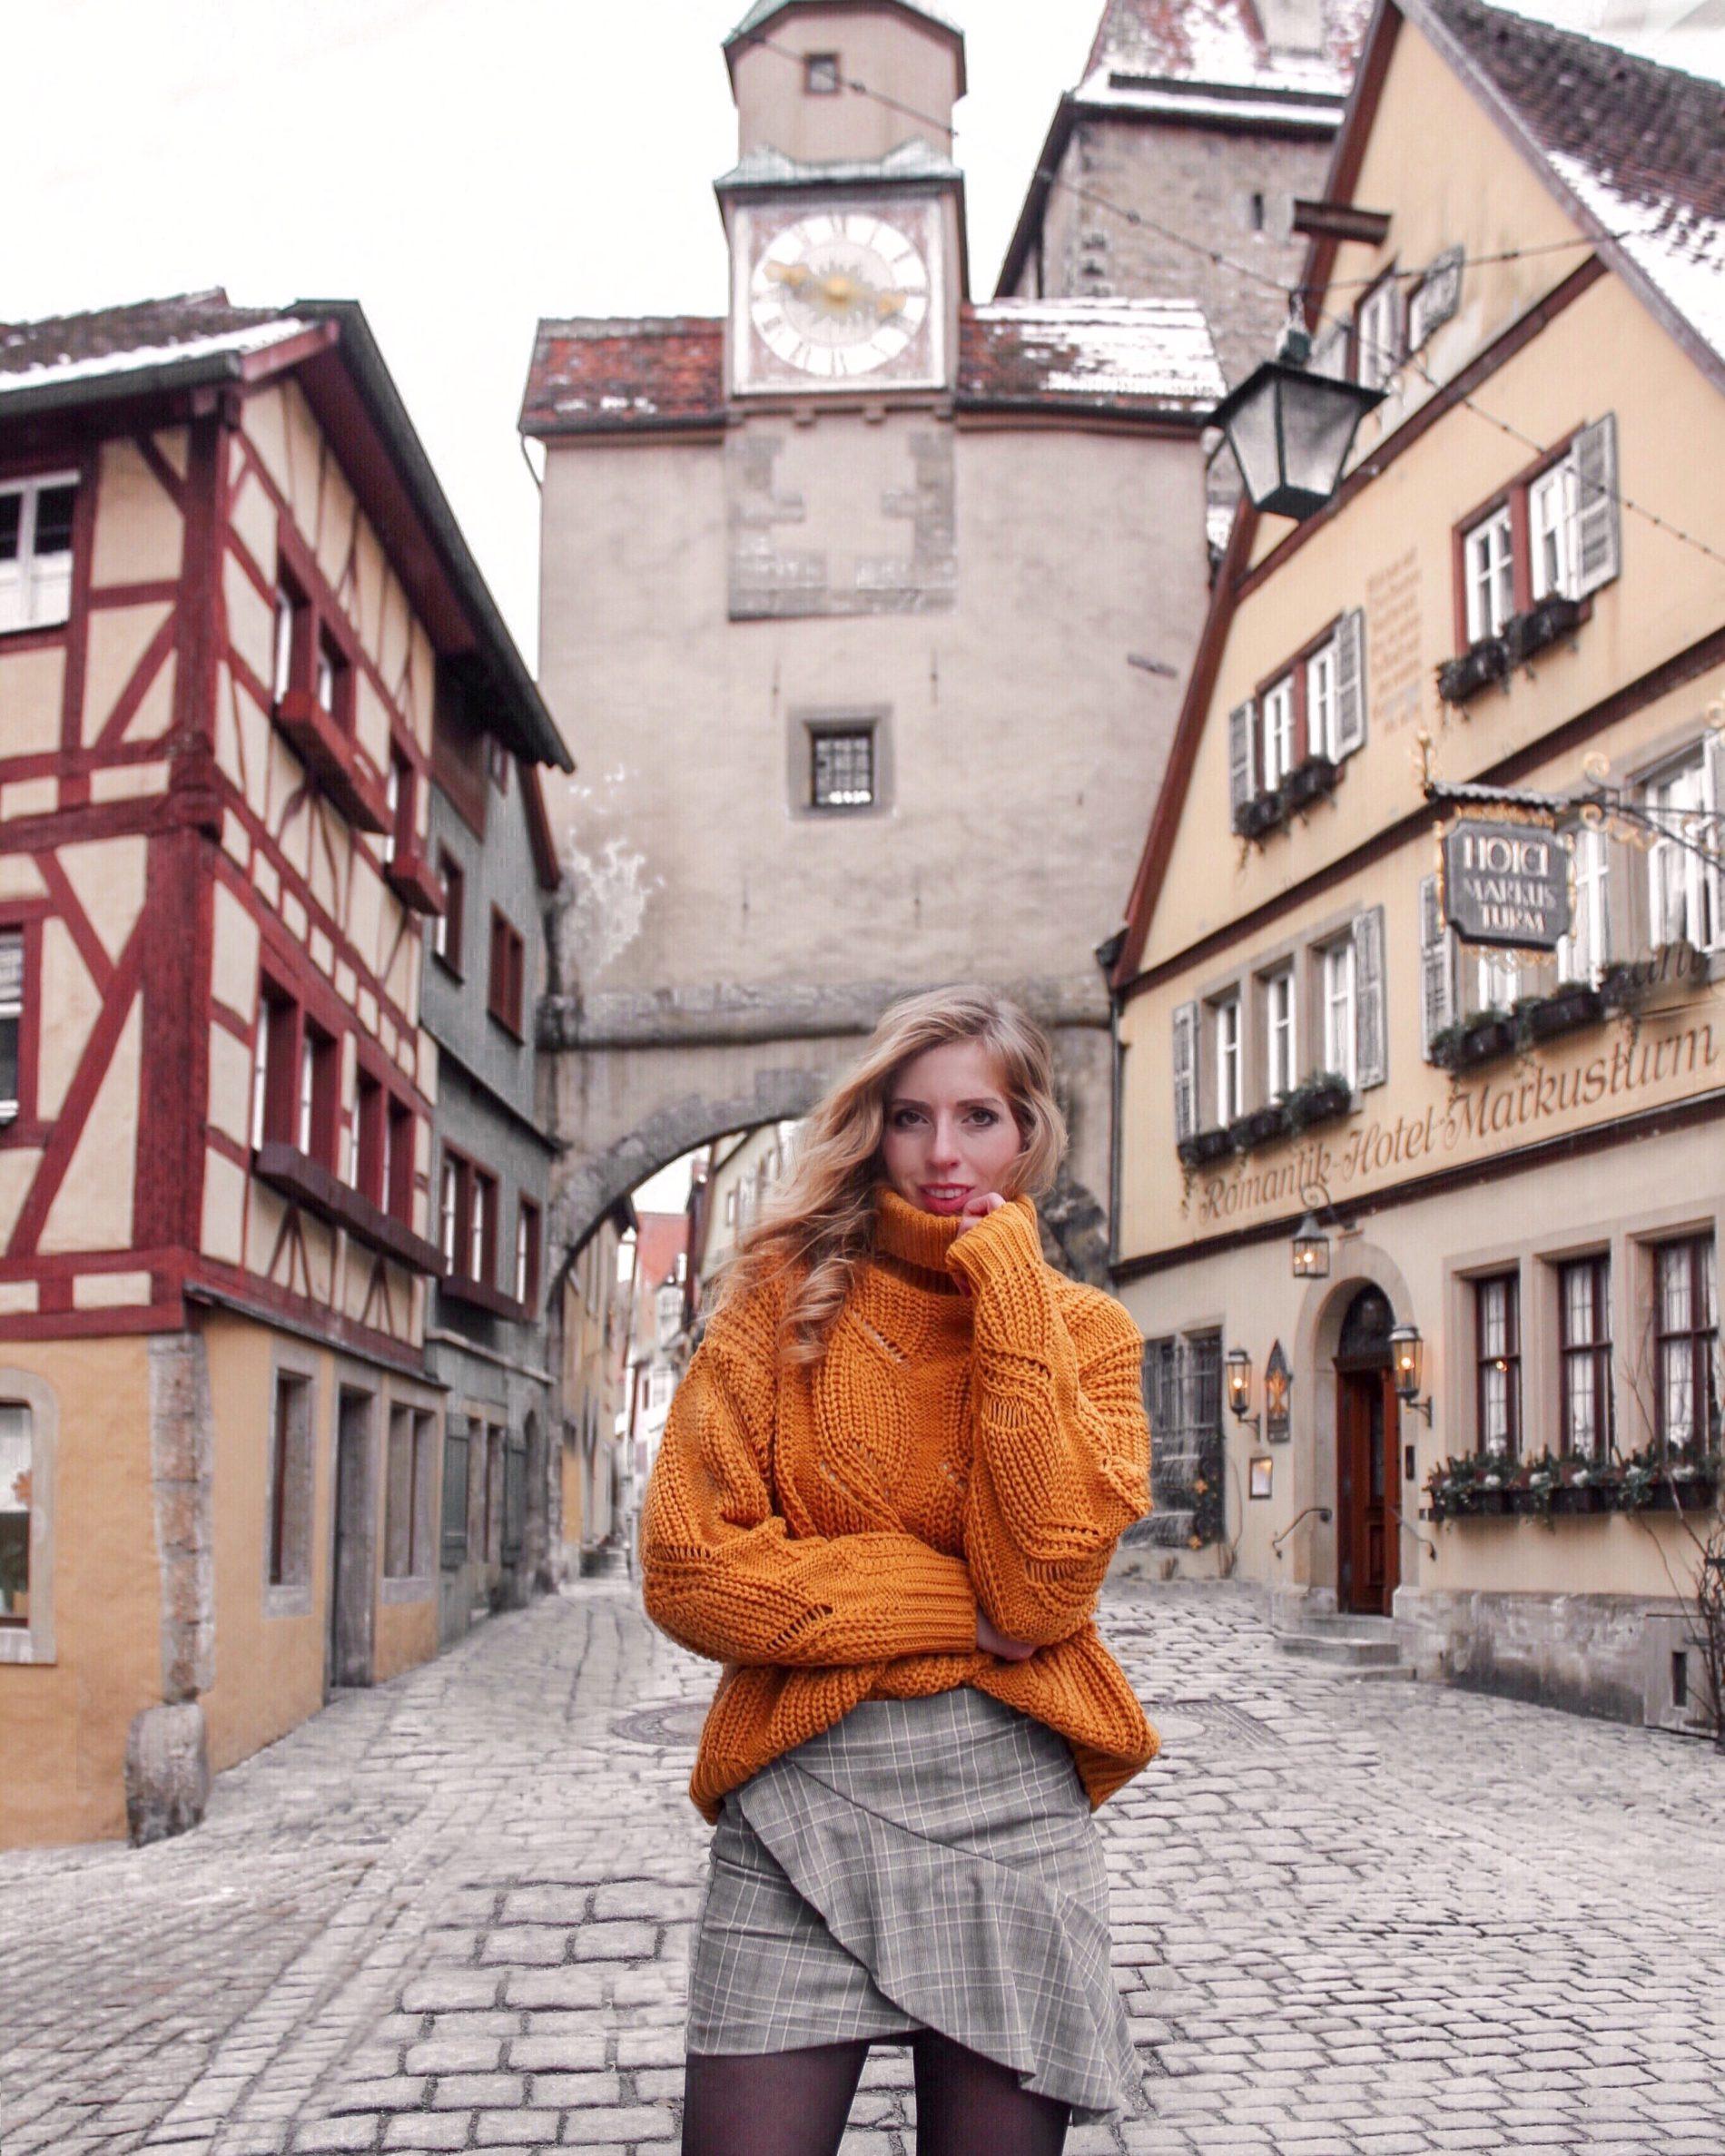 Germany: Rothenburg ob der Tauber Quick Guide